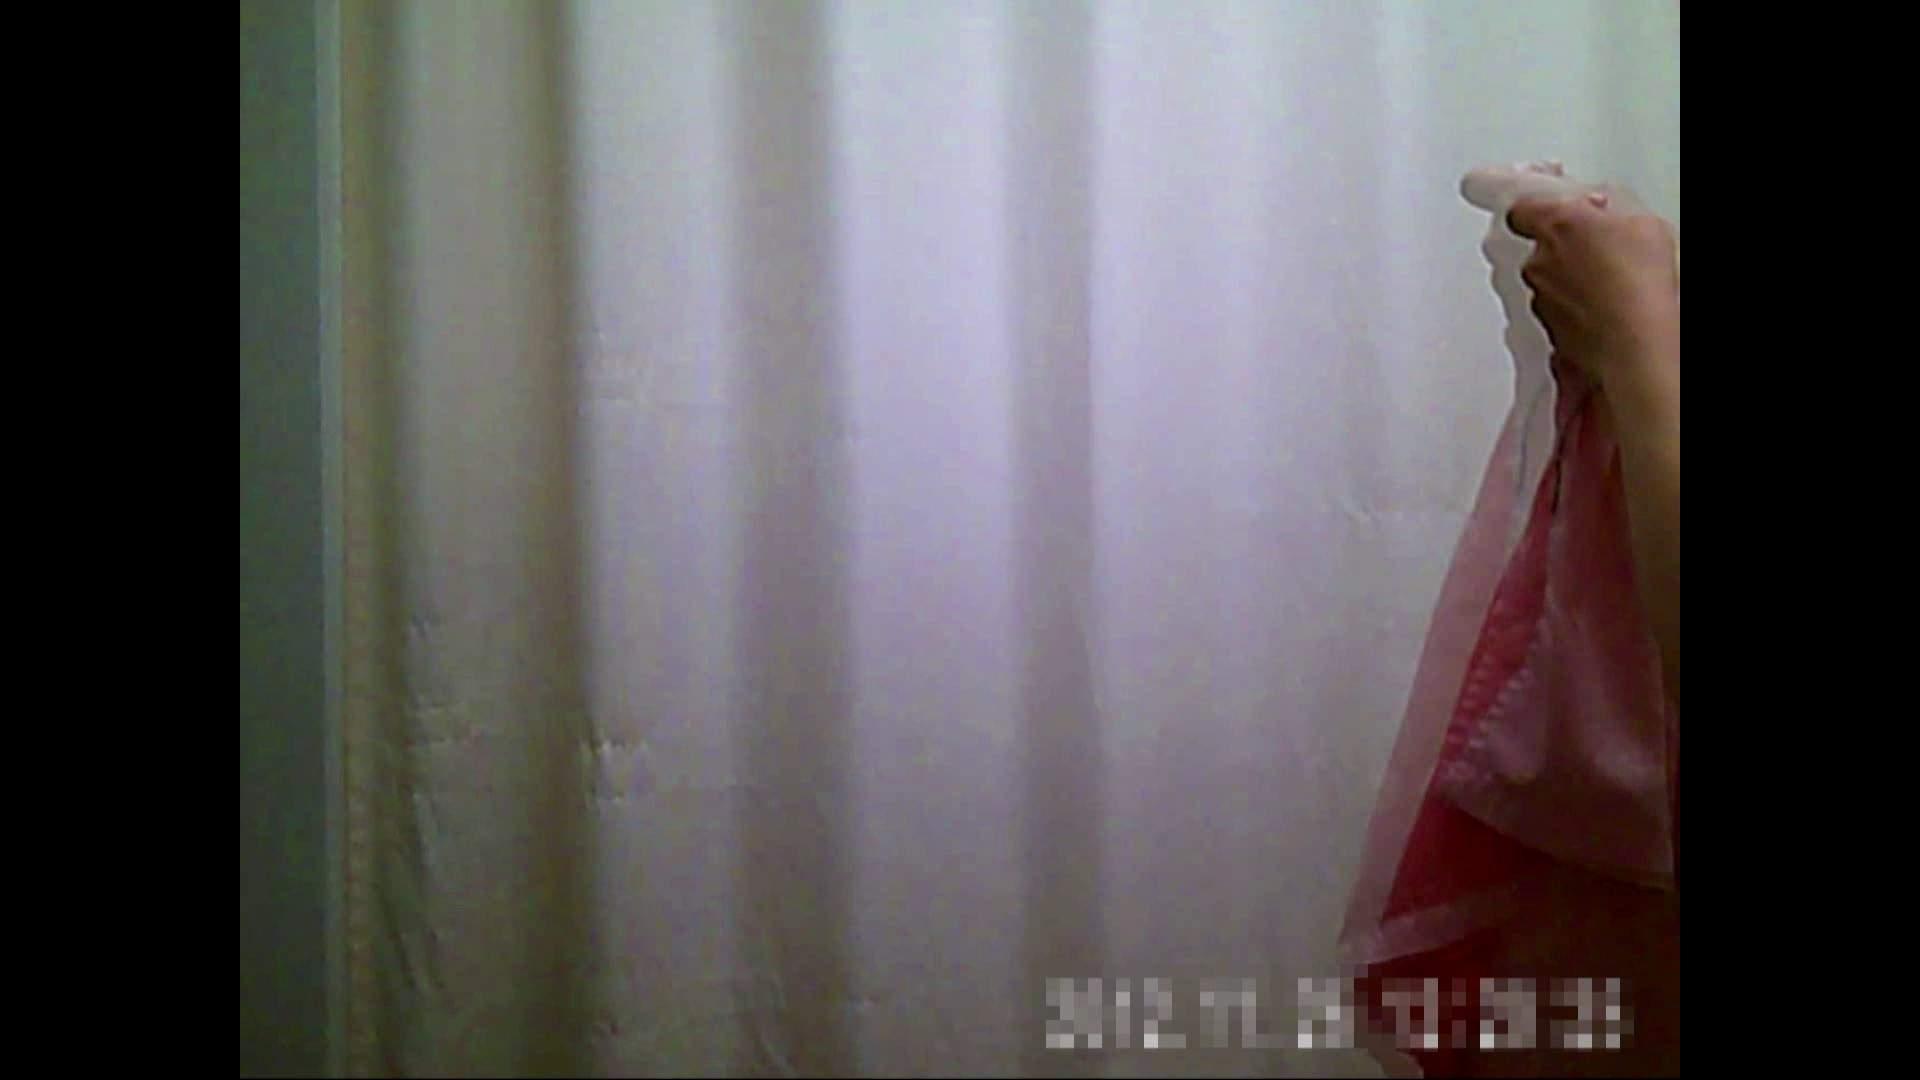 病院おもいっきり着替え! vol.159 着替え 隠し撮りオマンコ動画紹介 49PICs 4